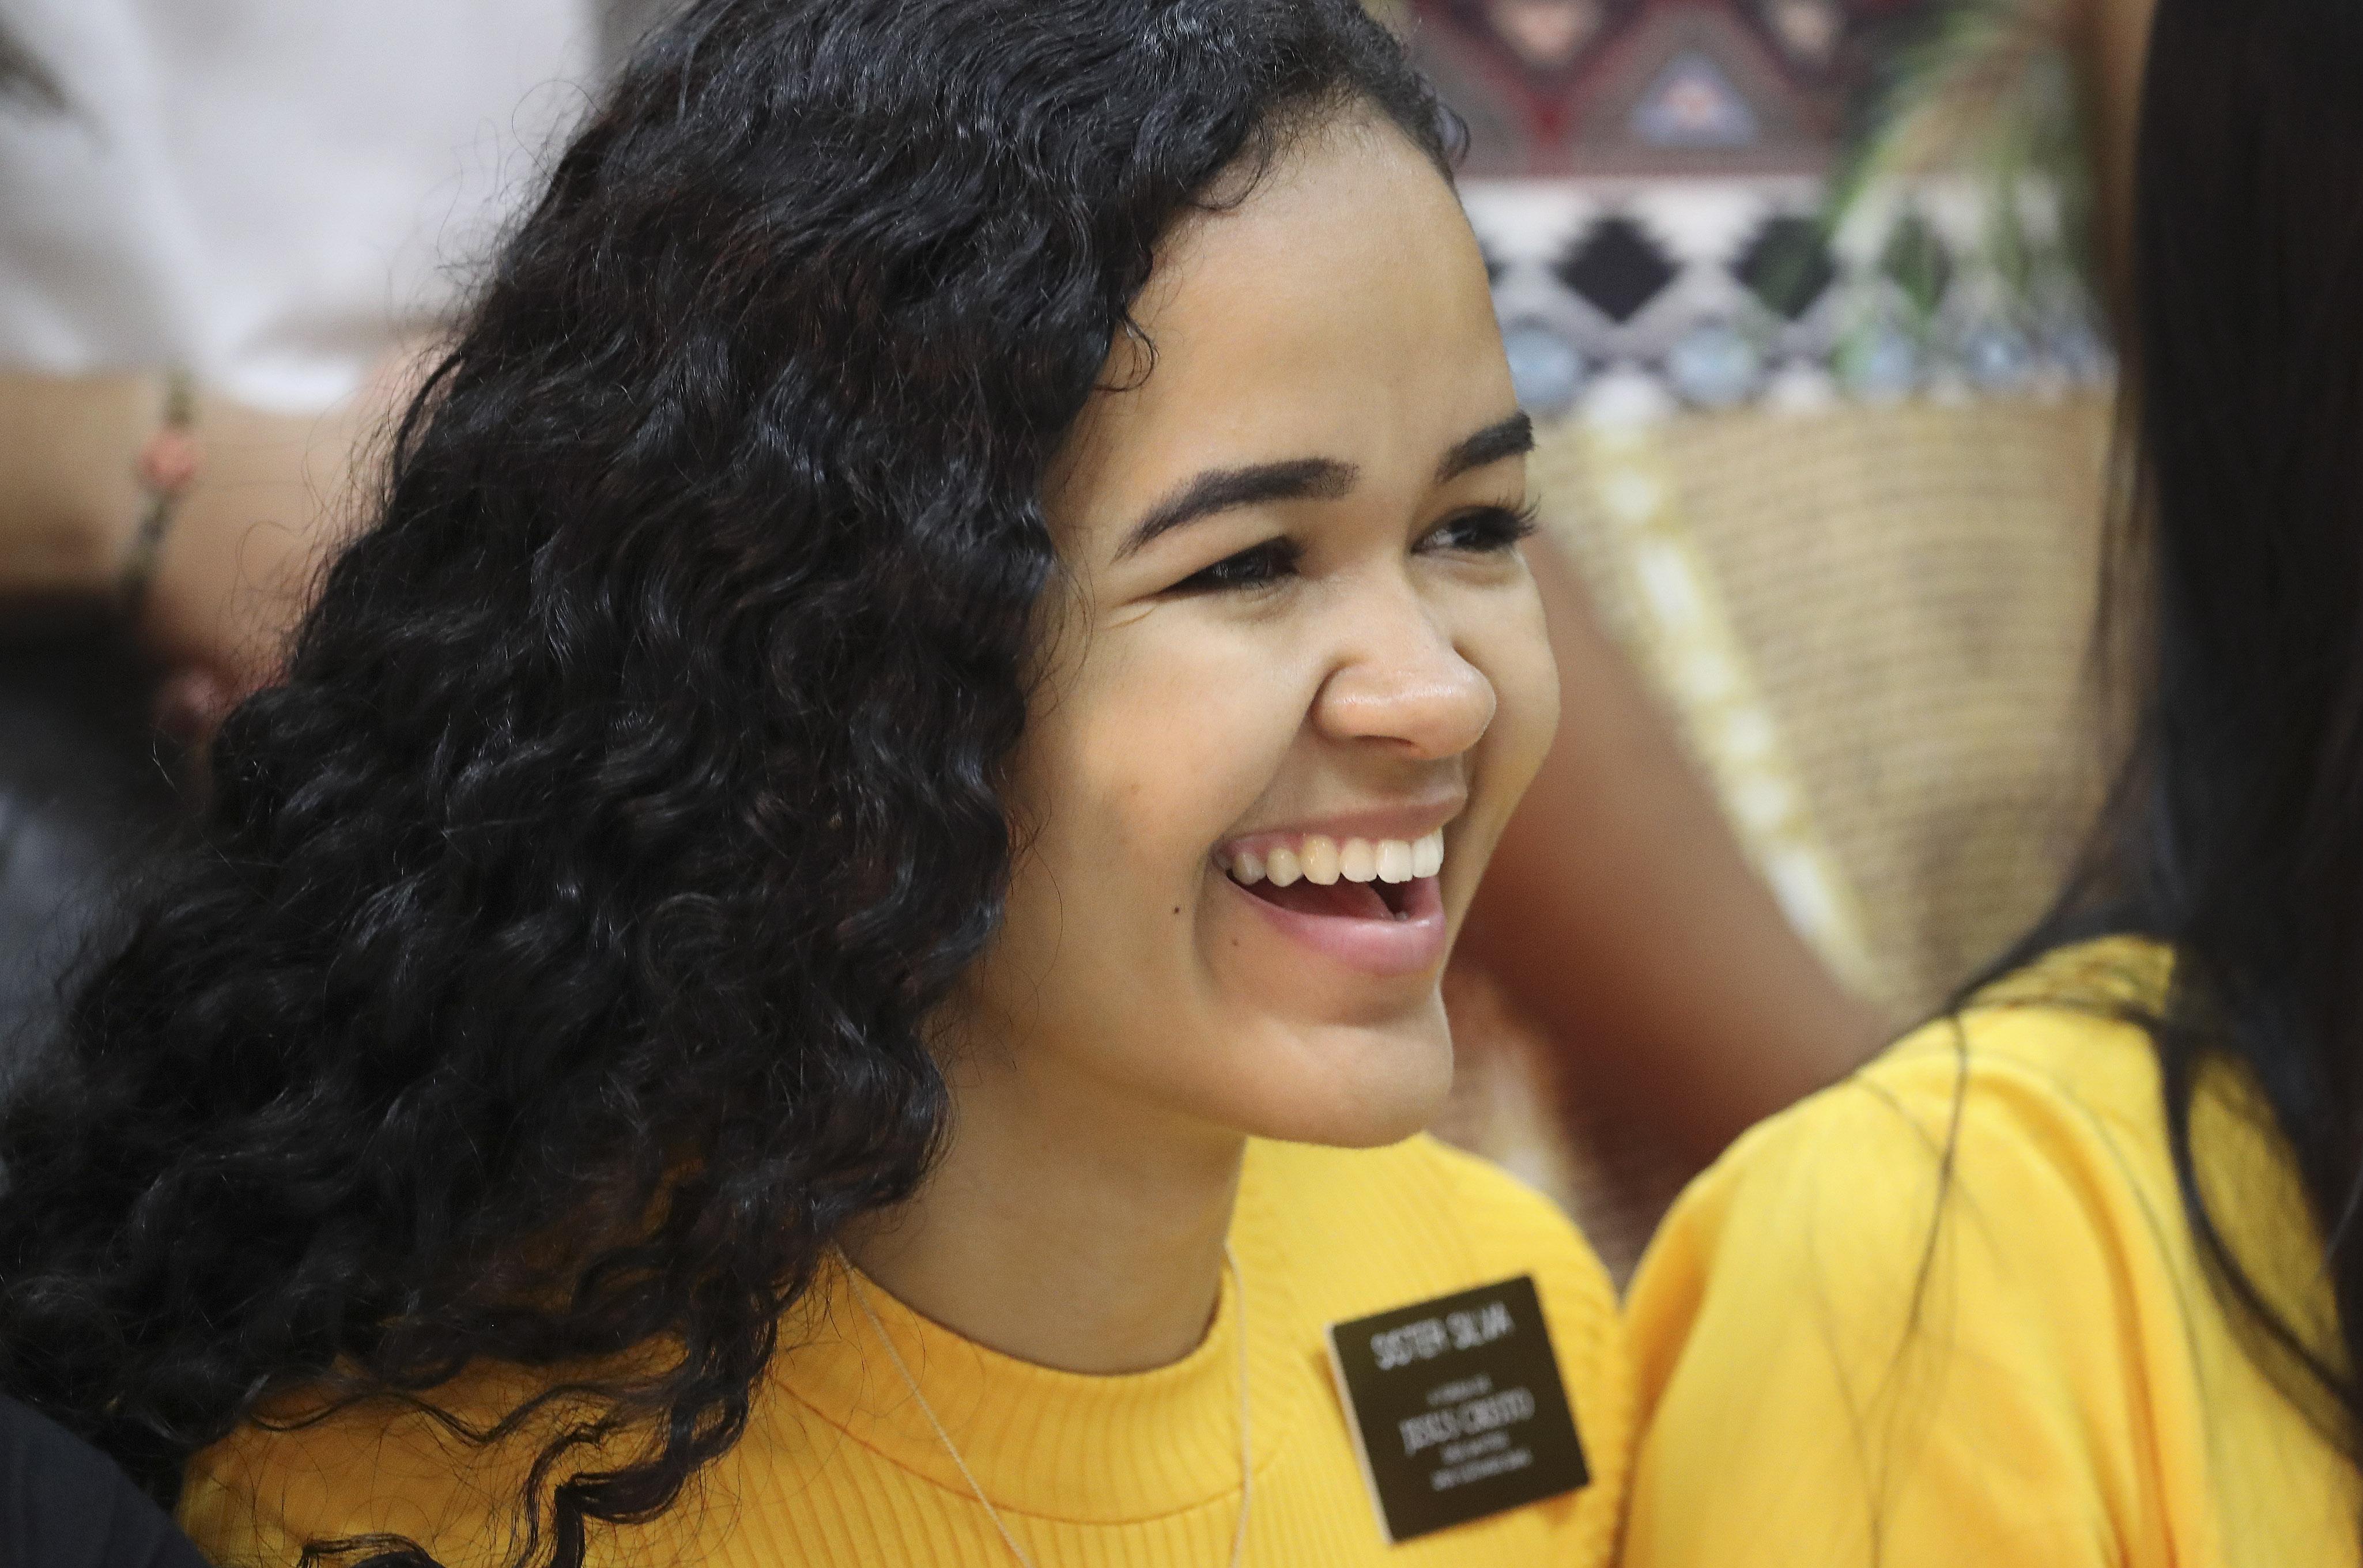 A sister Josilane Silva sorri enquanto aguarda o presidente Russell M. Nelson, de A Igreja de Jesus Cristo dos Santos dos Últimos Dias, durante uma reunião com missionários em Brasília, Brasil, na sexta-feira, 30 de agosto de 2019.